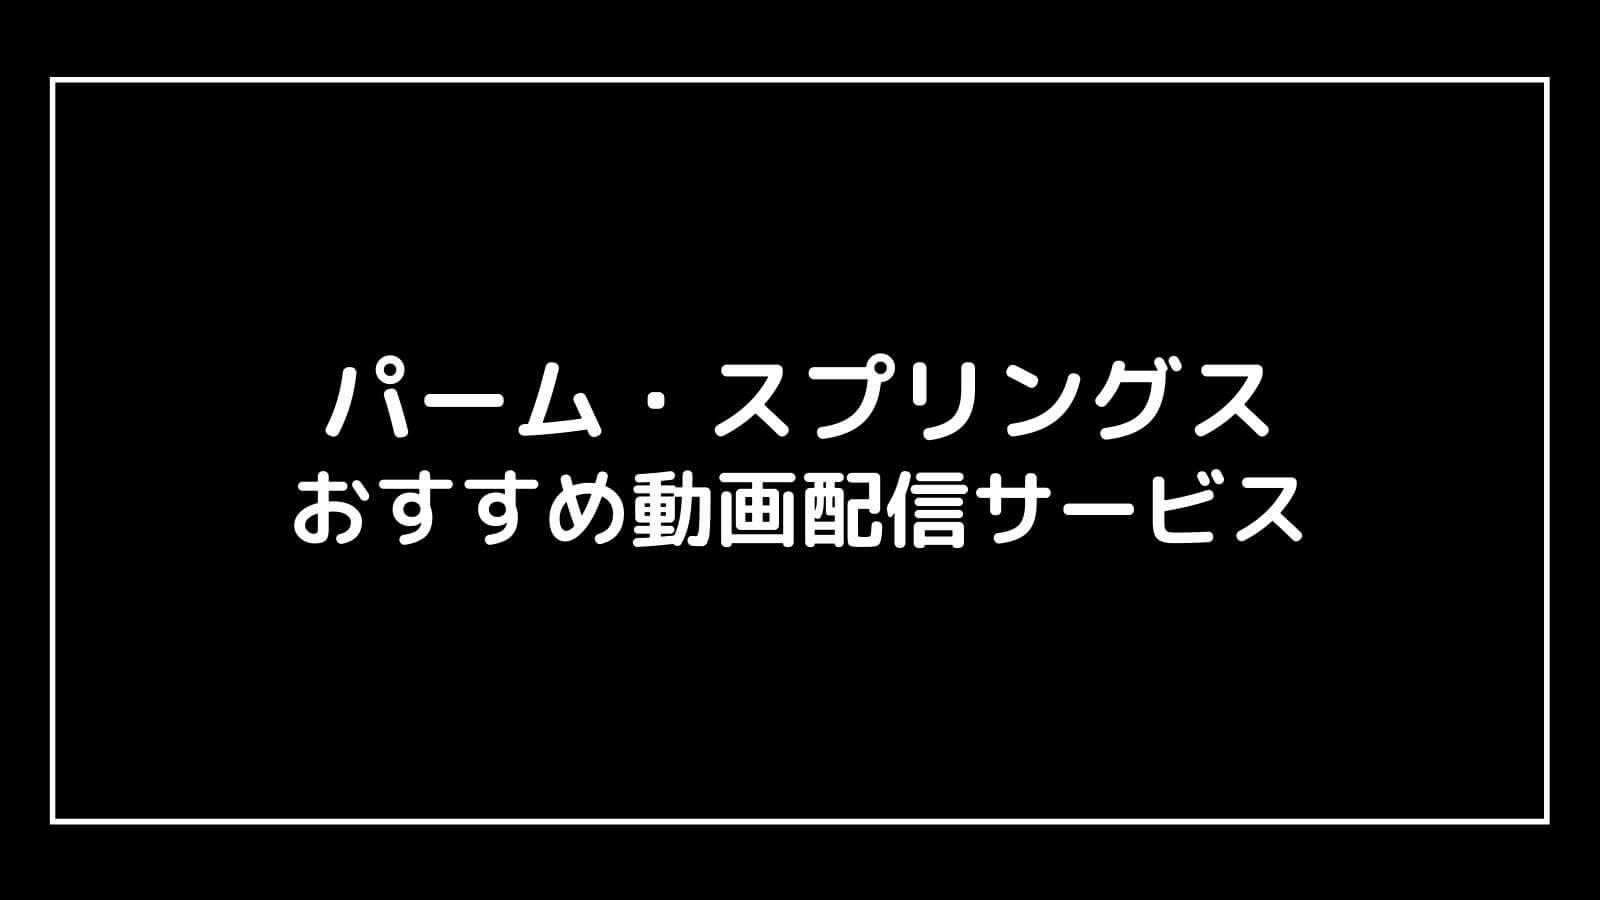 映画『パーム・スプリングス』の無料動画をフル視聴できるおすすめ配信サービス